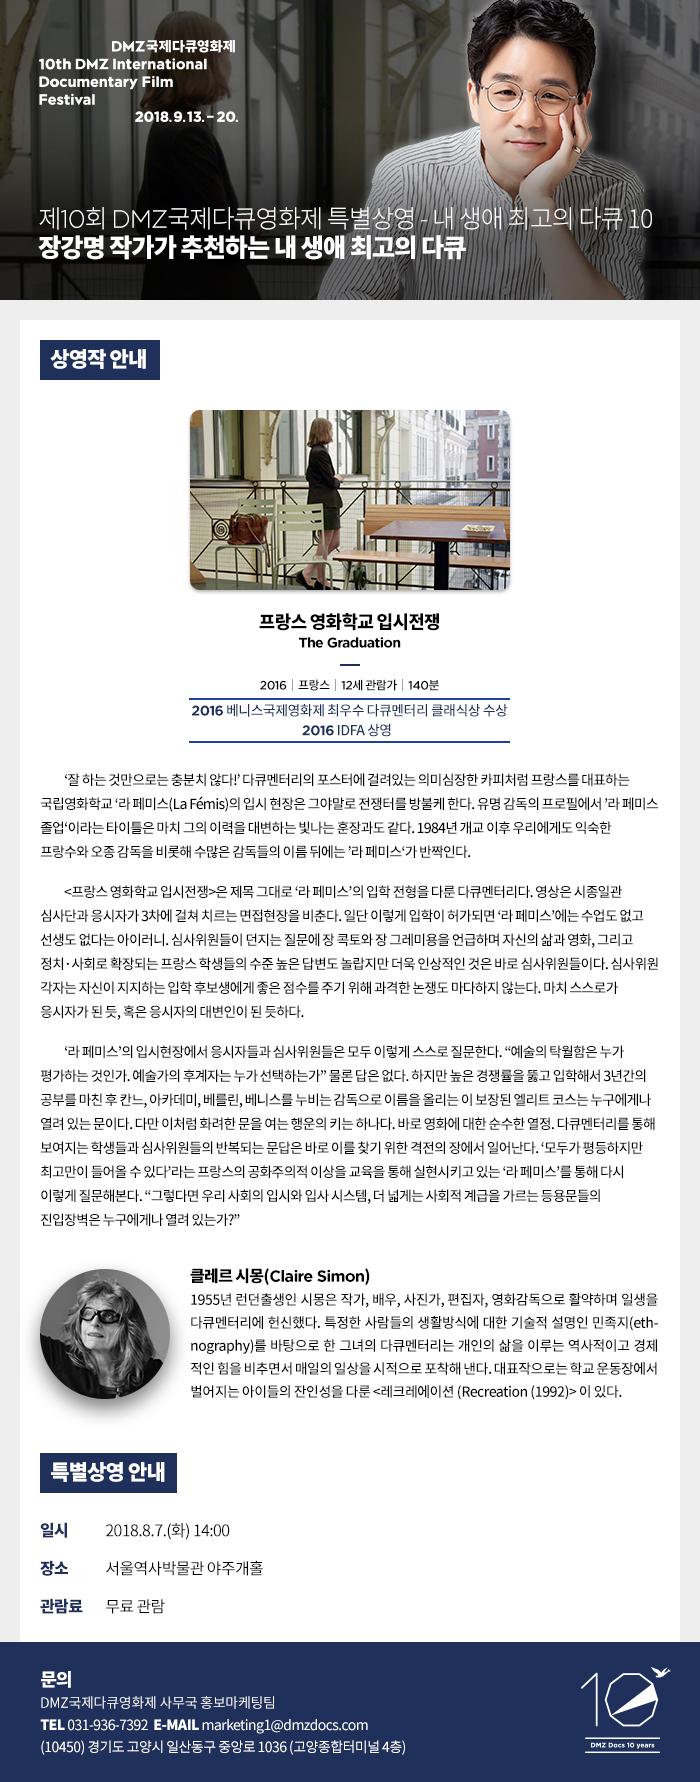 장강명웹플라이어(수정본)